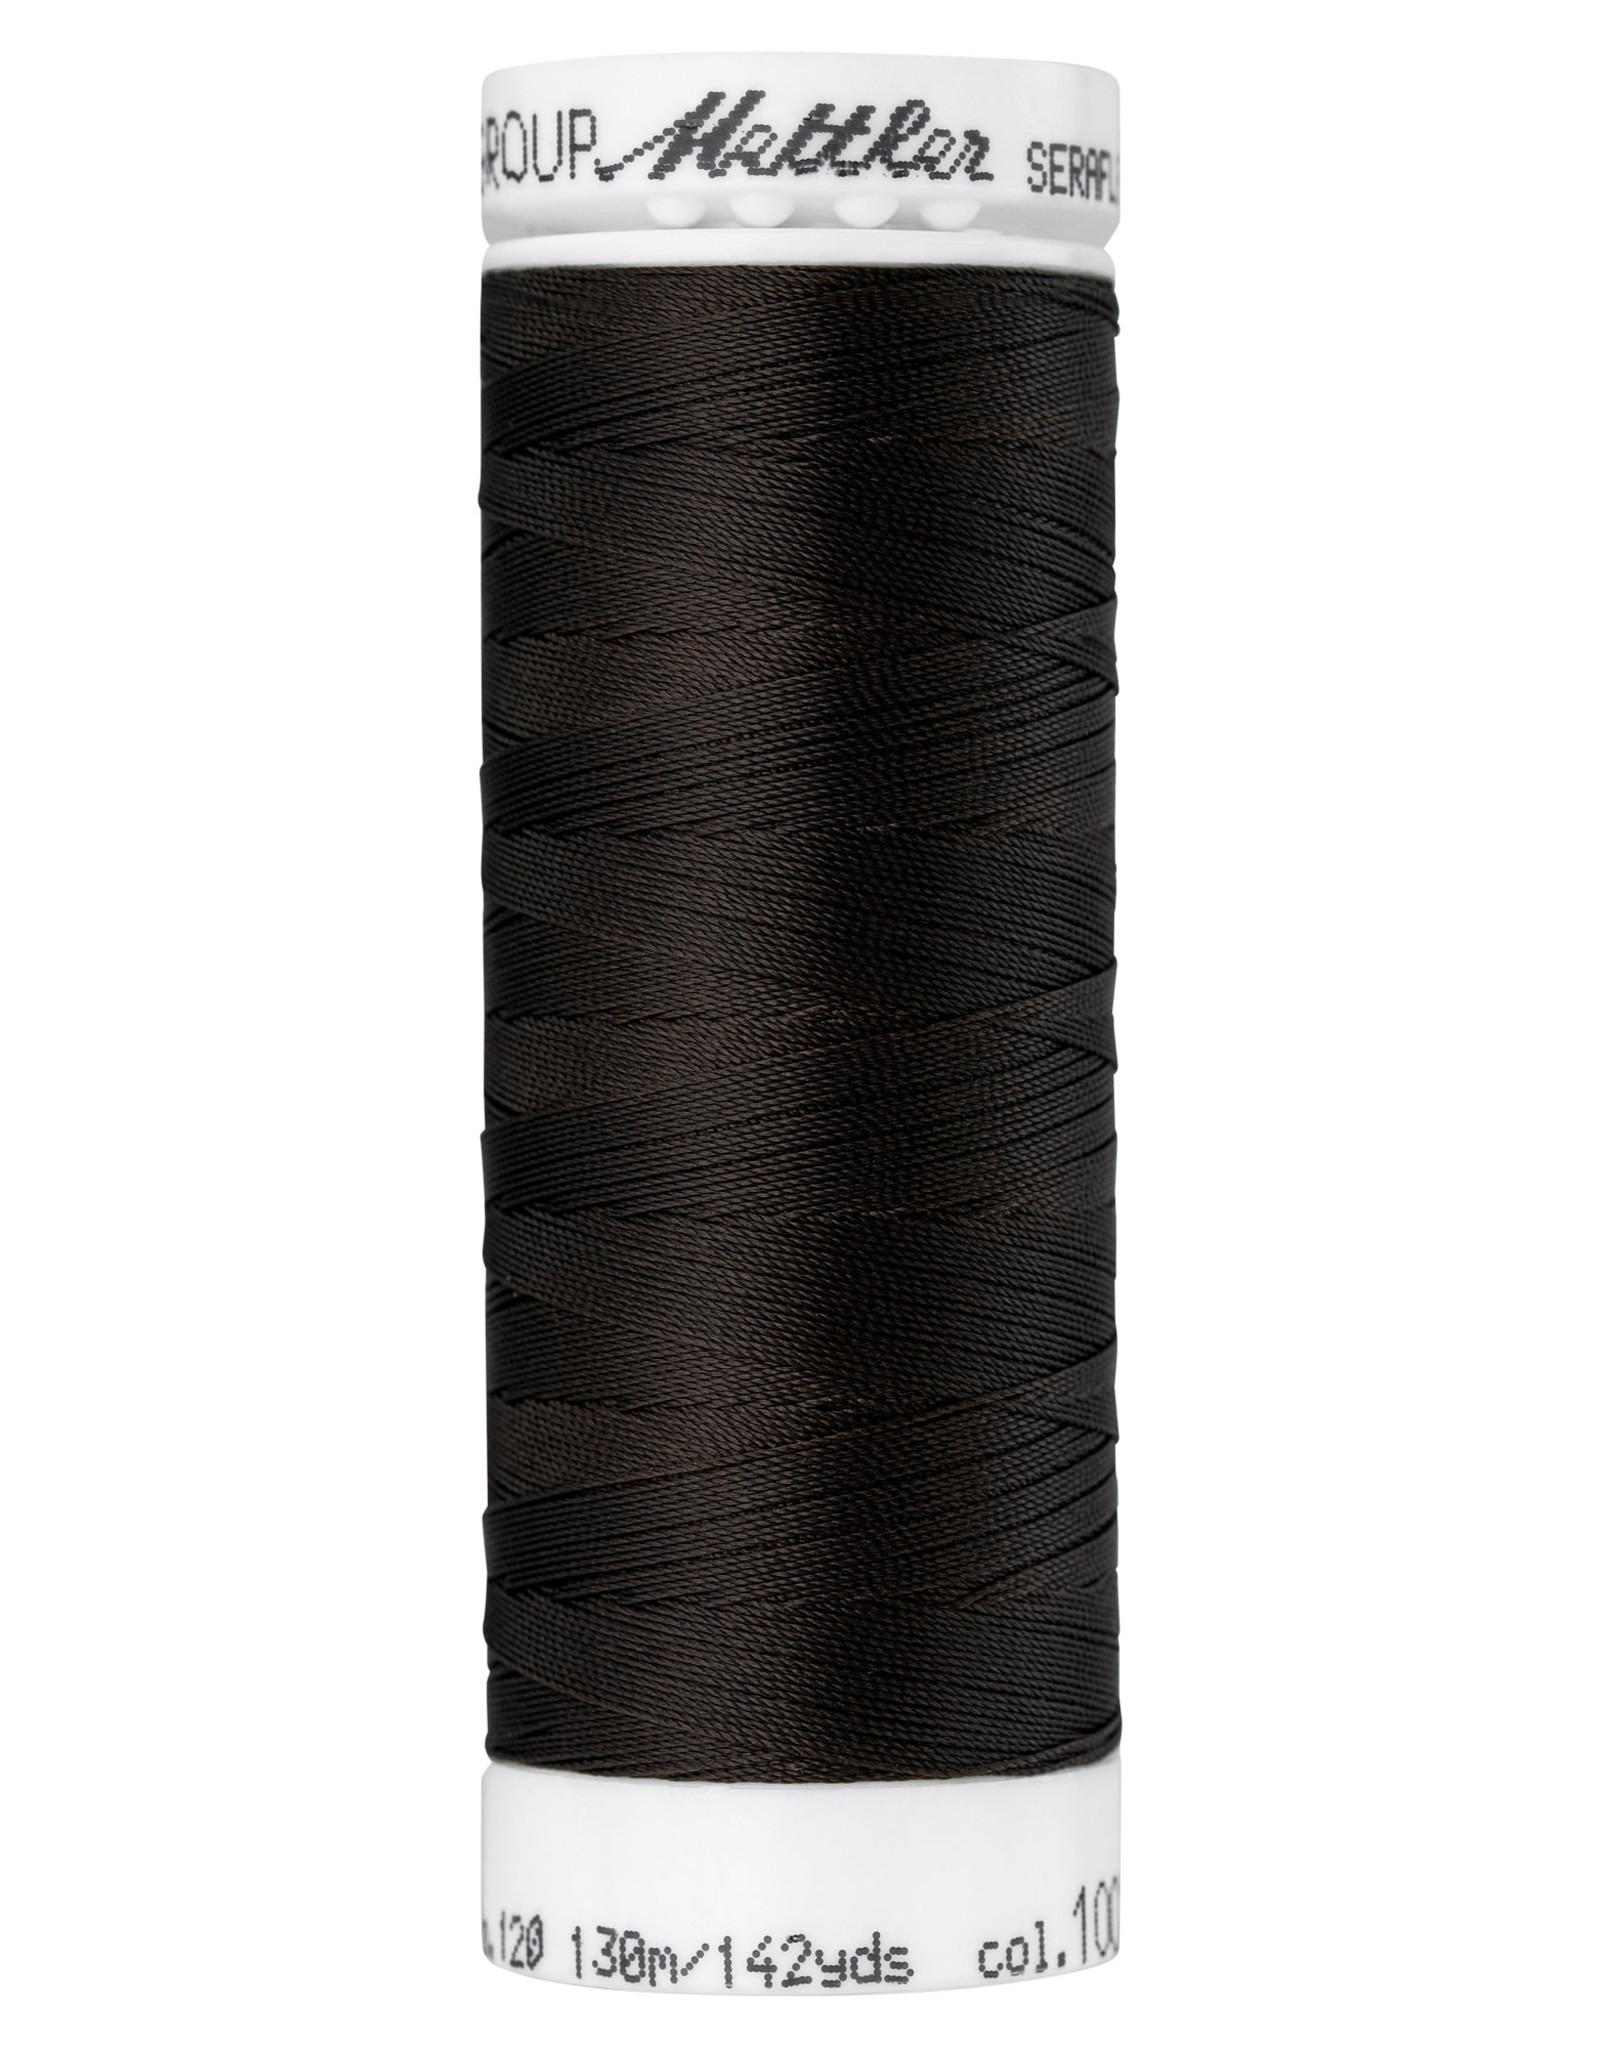 Mettler SERAFLEX elastisch naaigaren 120 130m/142yds nr 1002